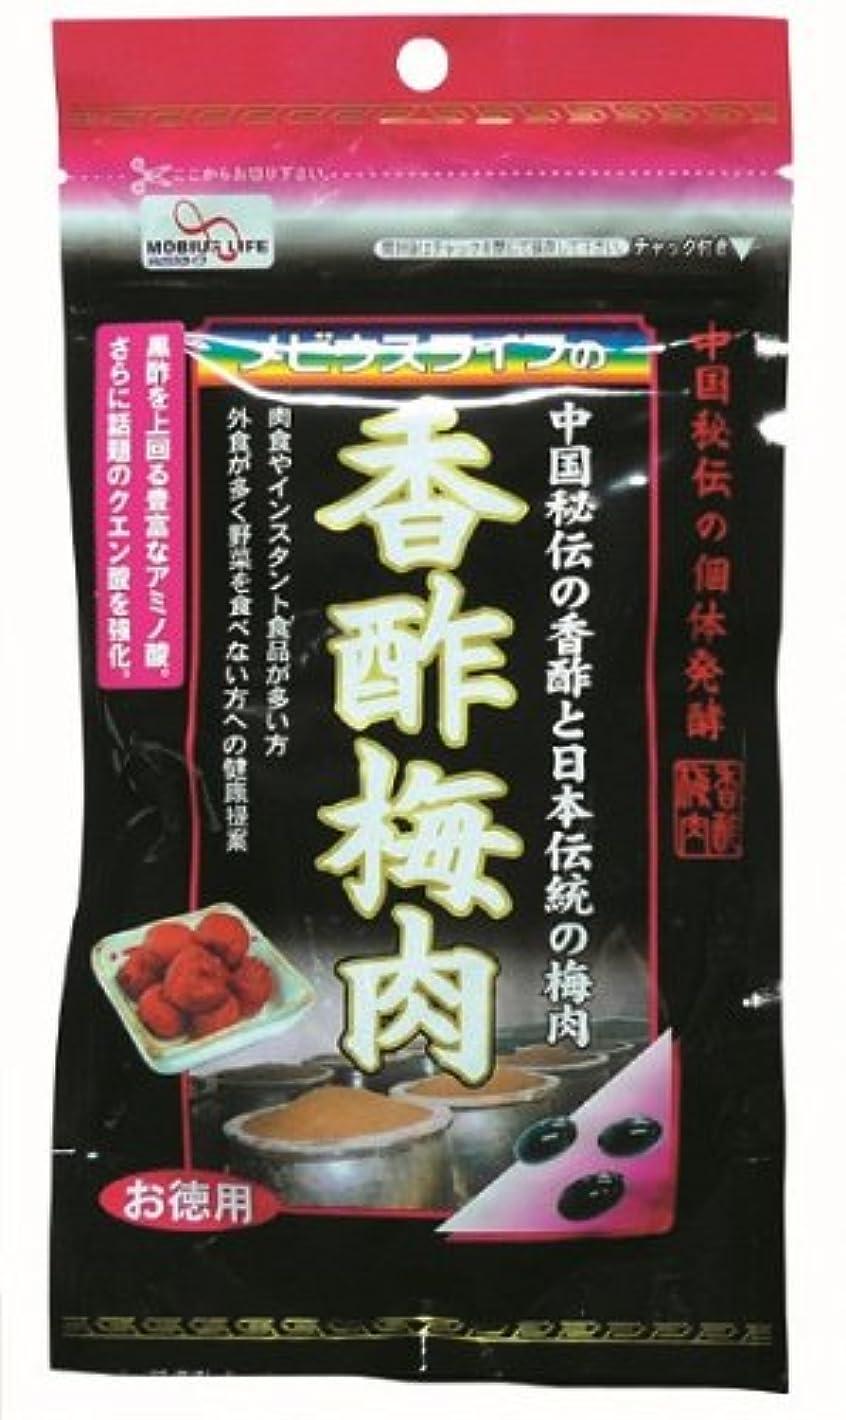 売る化粧宣言するメビウスライフの香酢梅肉 150粒入